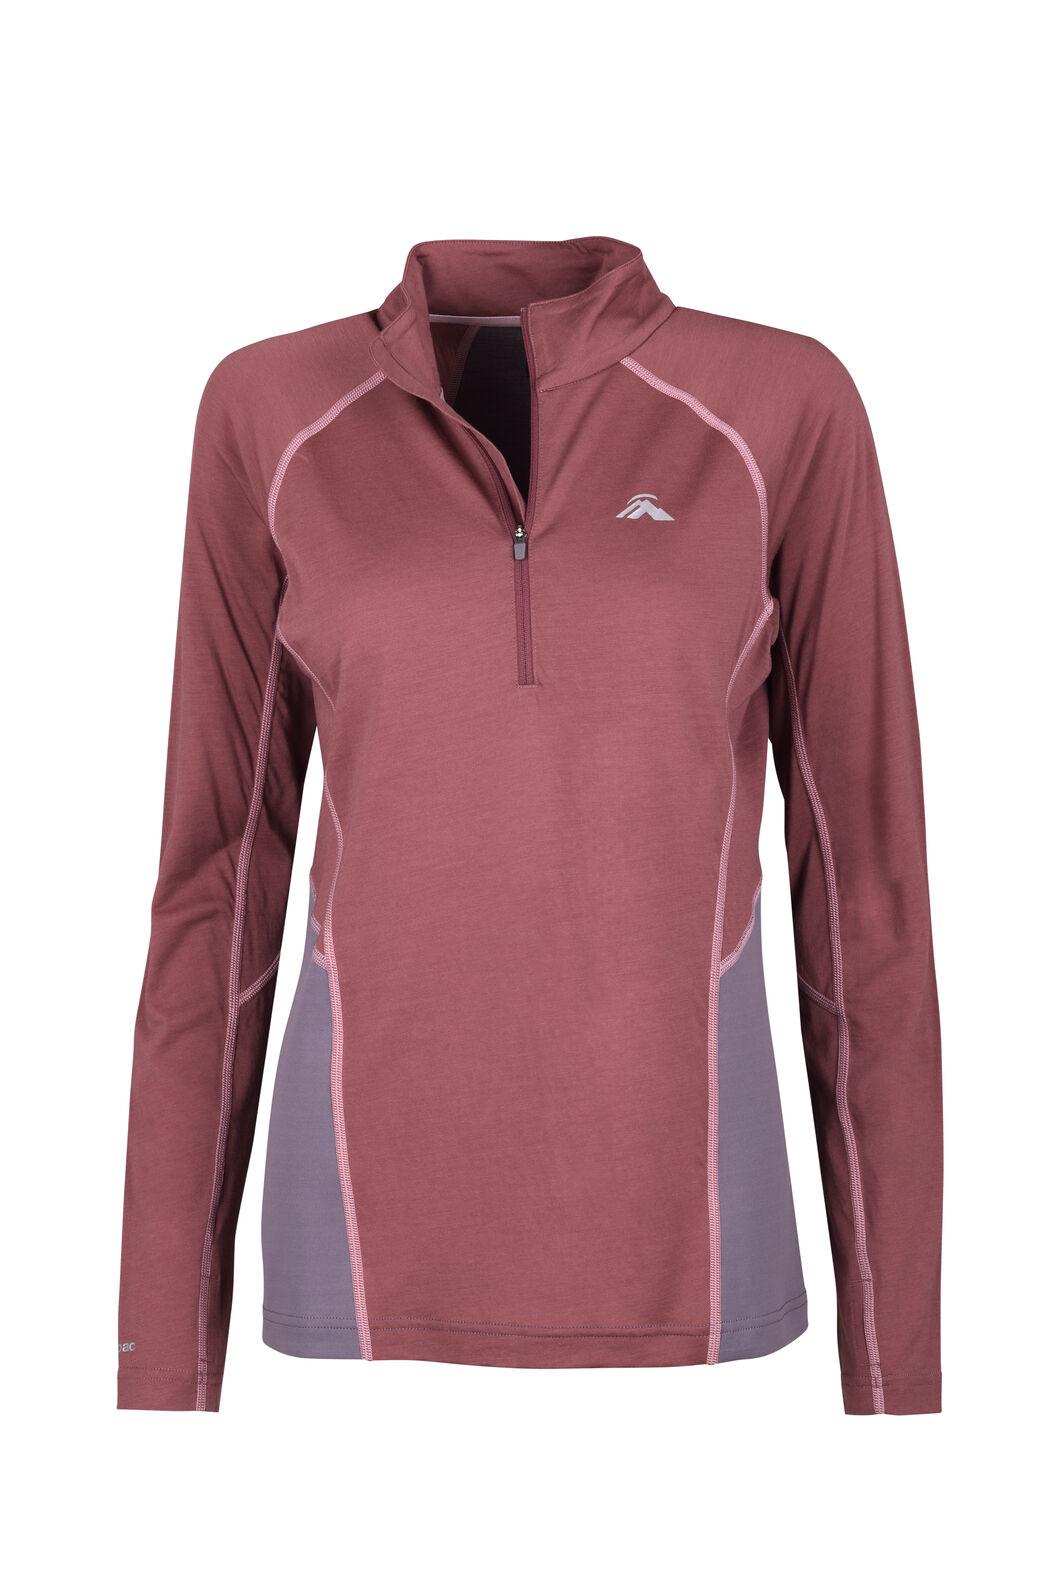 Macpac Casswell Long Sleeve Shirt — Women's, Wild Ginger/Shark, hi-res